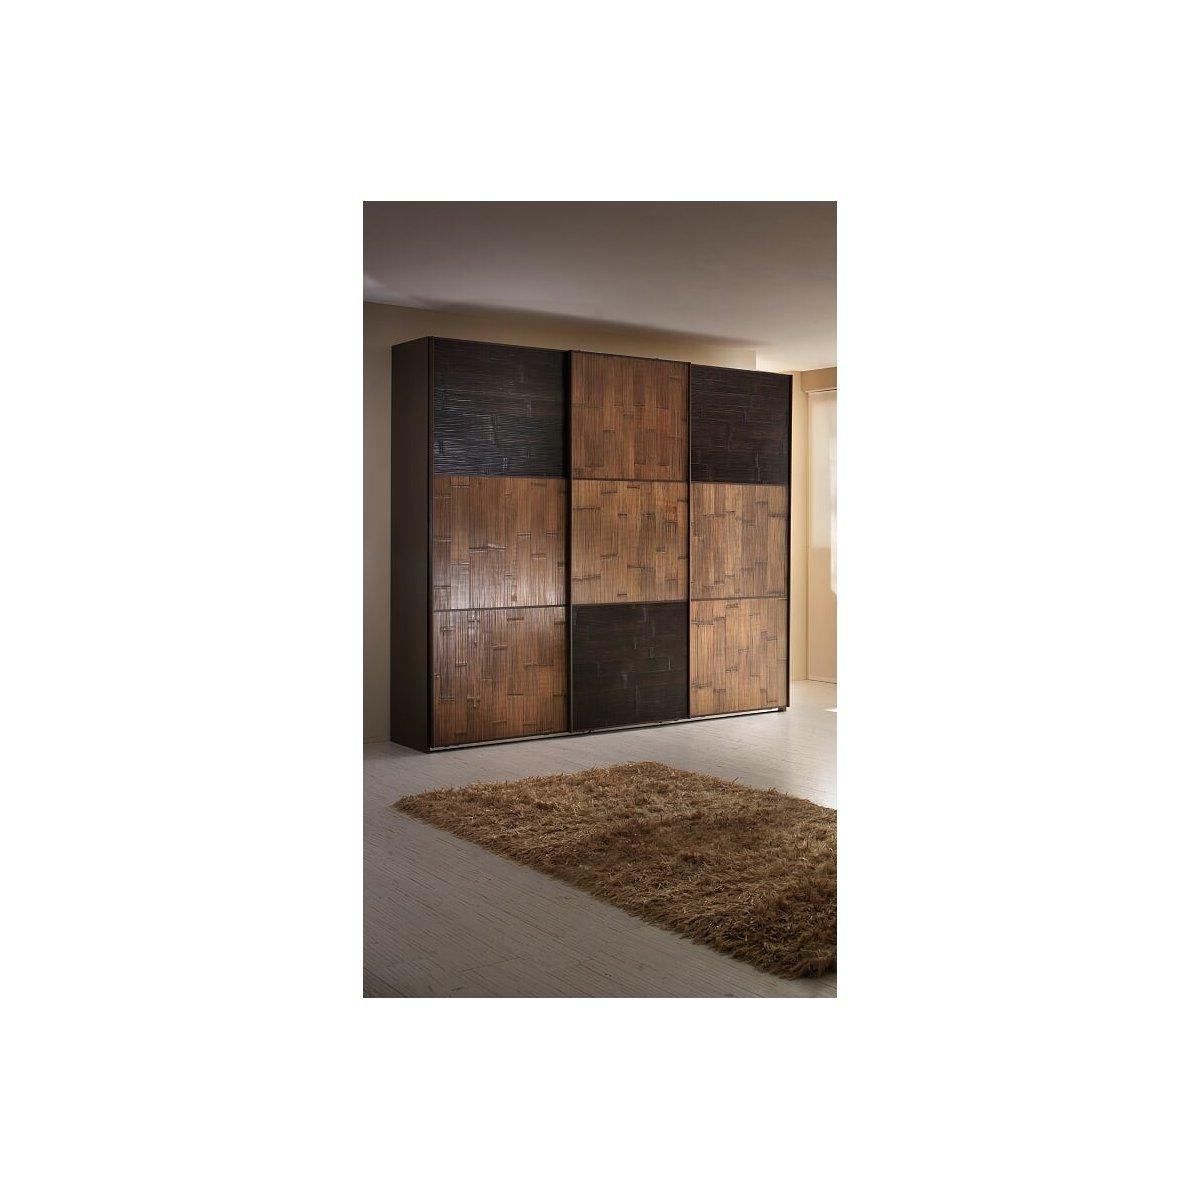 armadio Alum 3 ante scorrevoli con ante 3 pannelli neri e 6 pannelli miele antico, fianco in laminato rovere moro